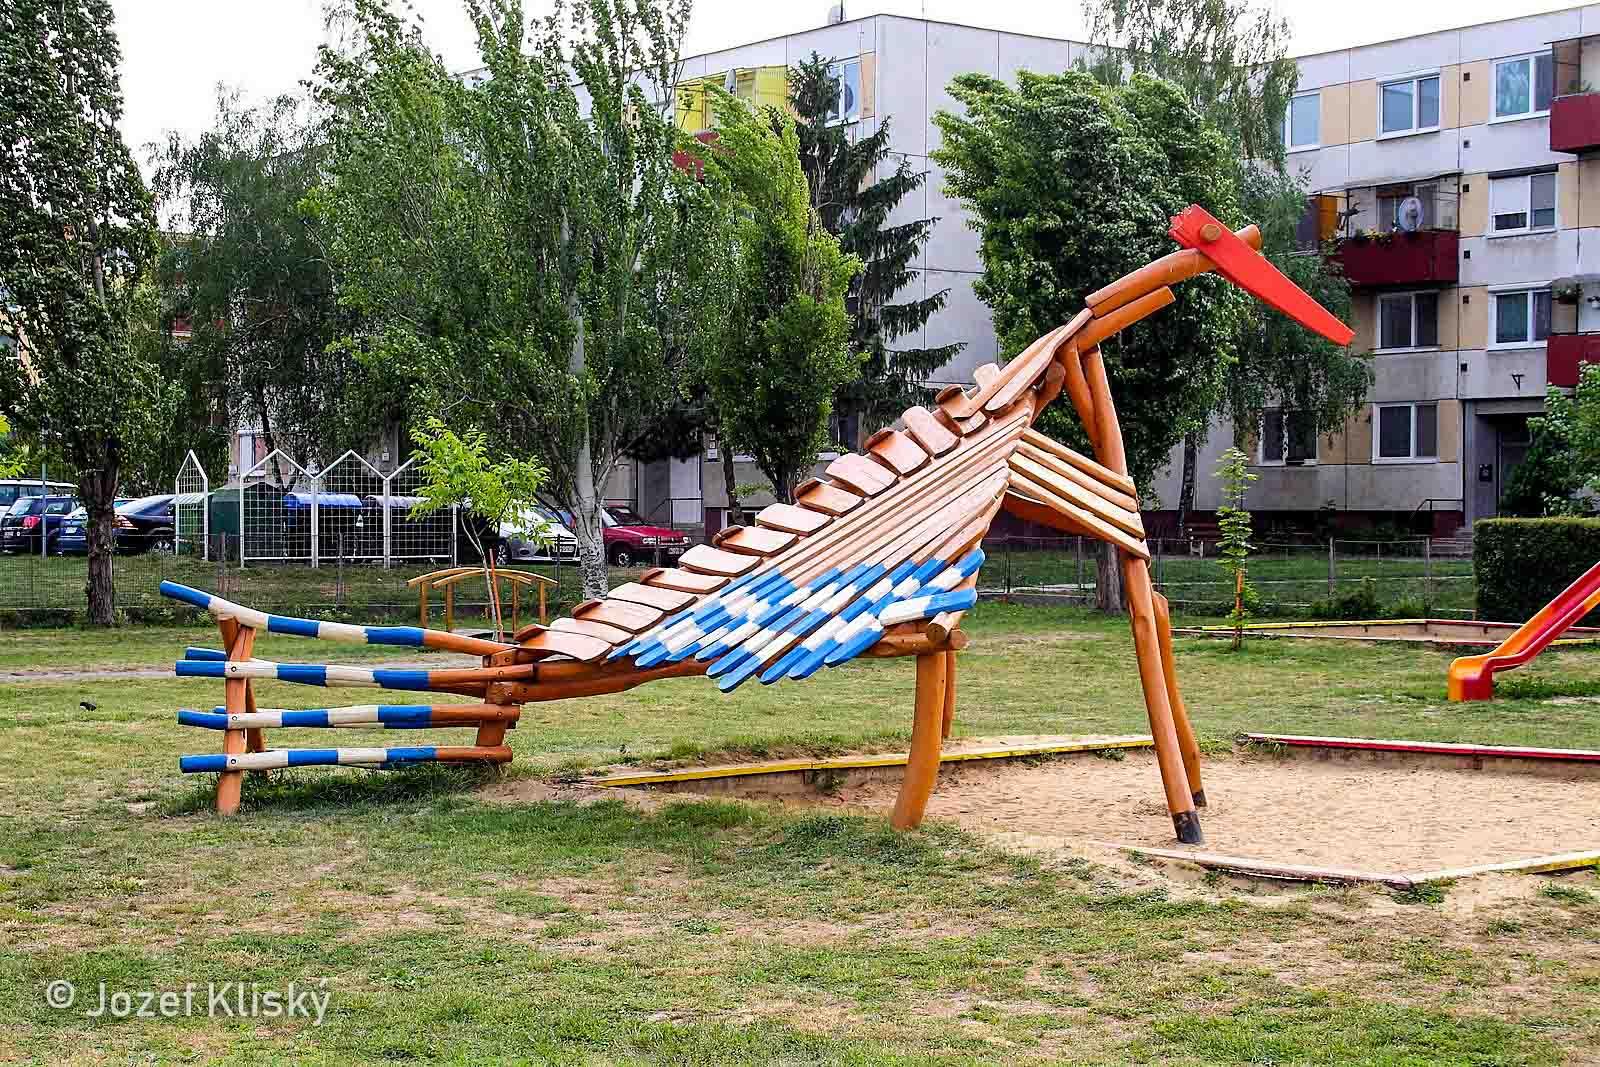 Tienidlo na pieskovisko Vták - hracie prvky na detské ihrisko